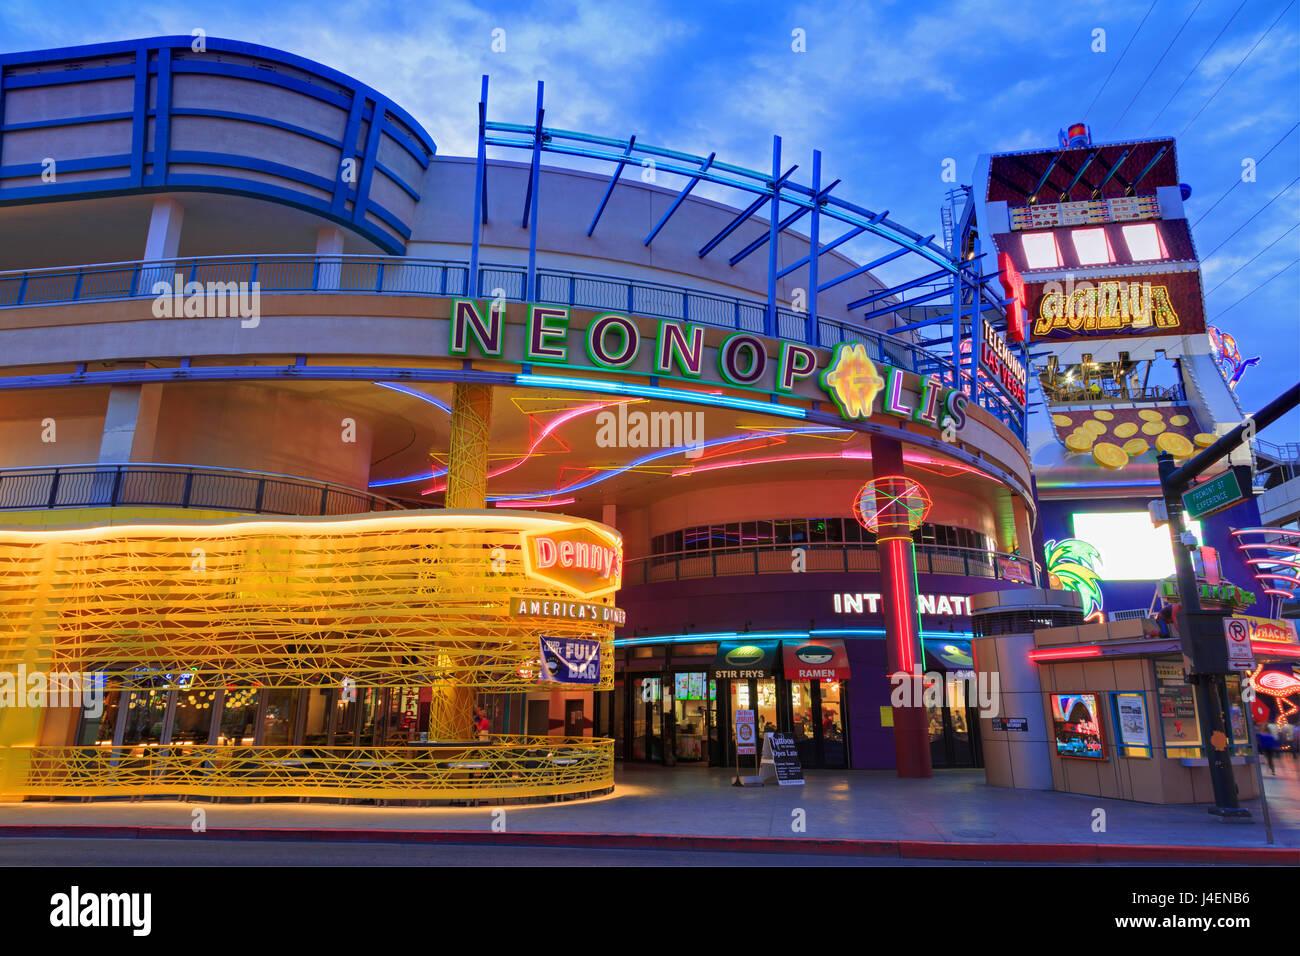 Neonopolis, Fremont Street, Las Vegas, Nevada, États-Unis d'Amérique, Amérique du Nord Photo Stock